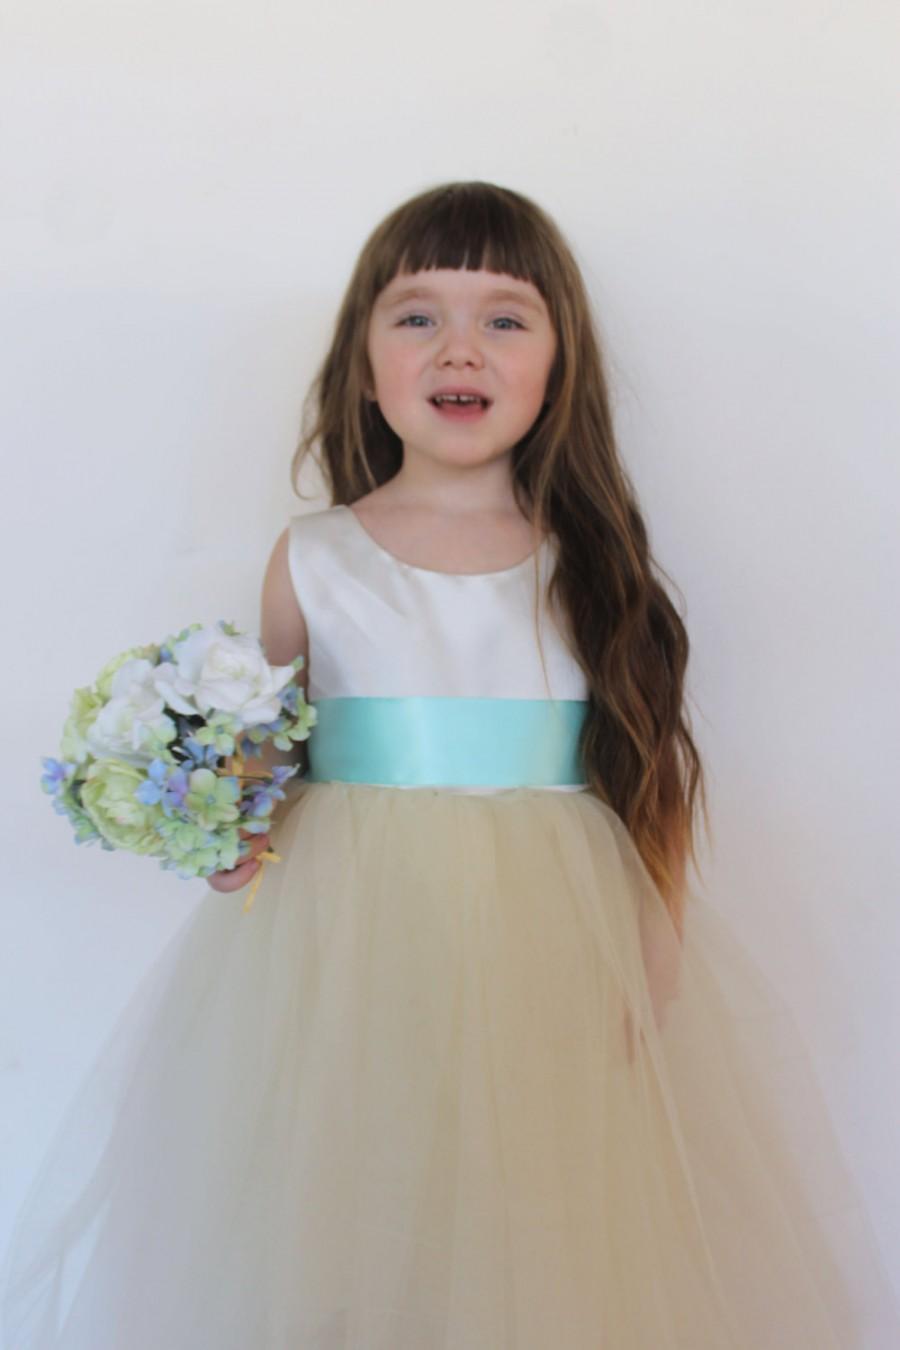 Hochzeit - Ivory flower girl dress, turquoise sash